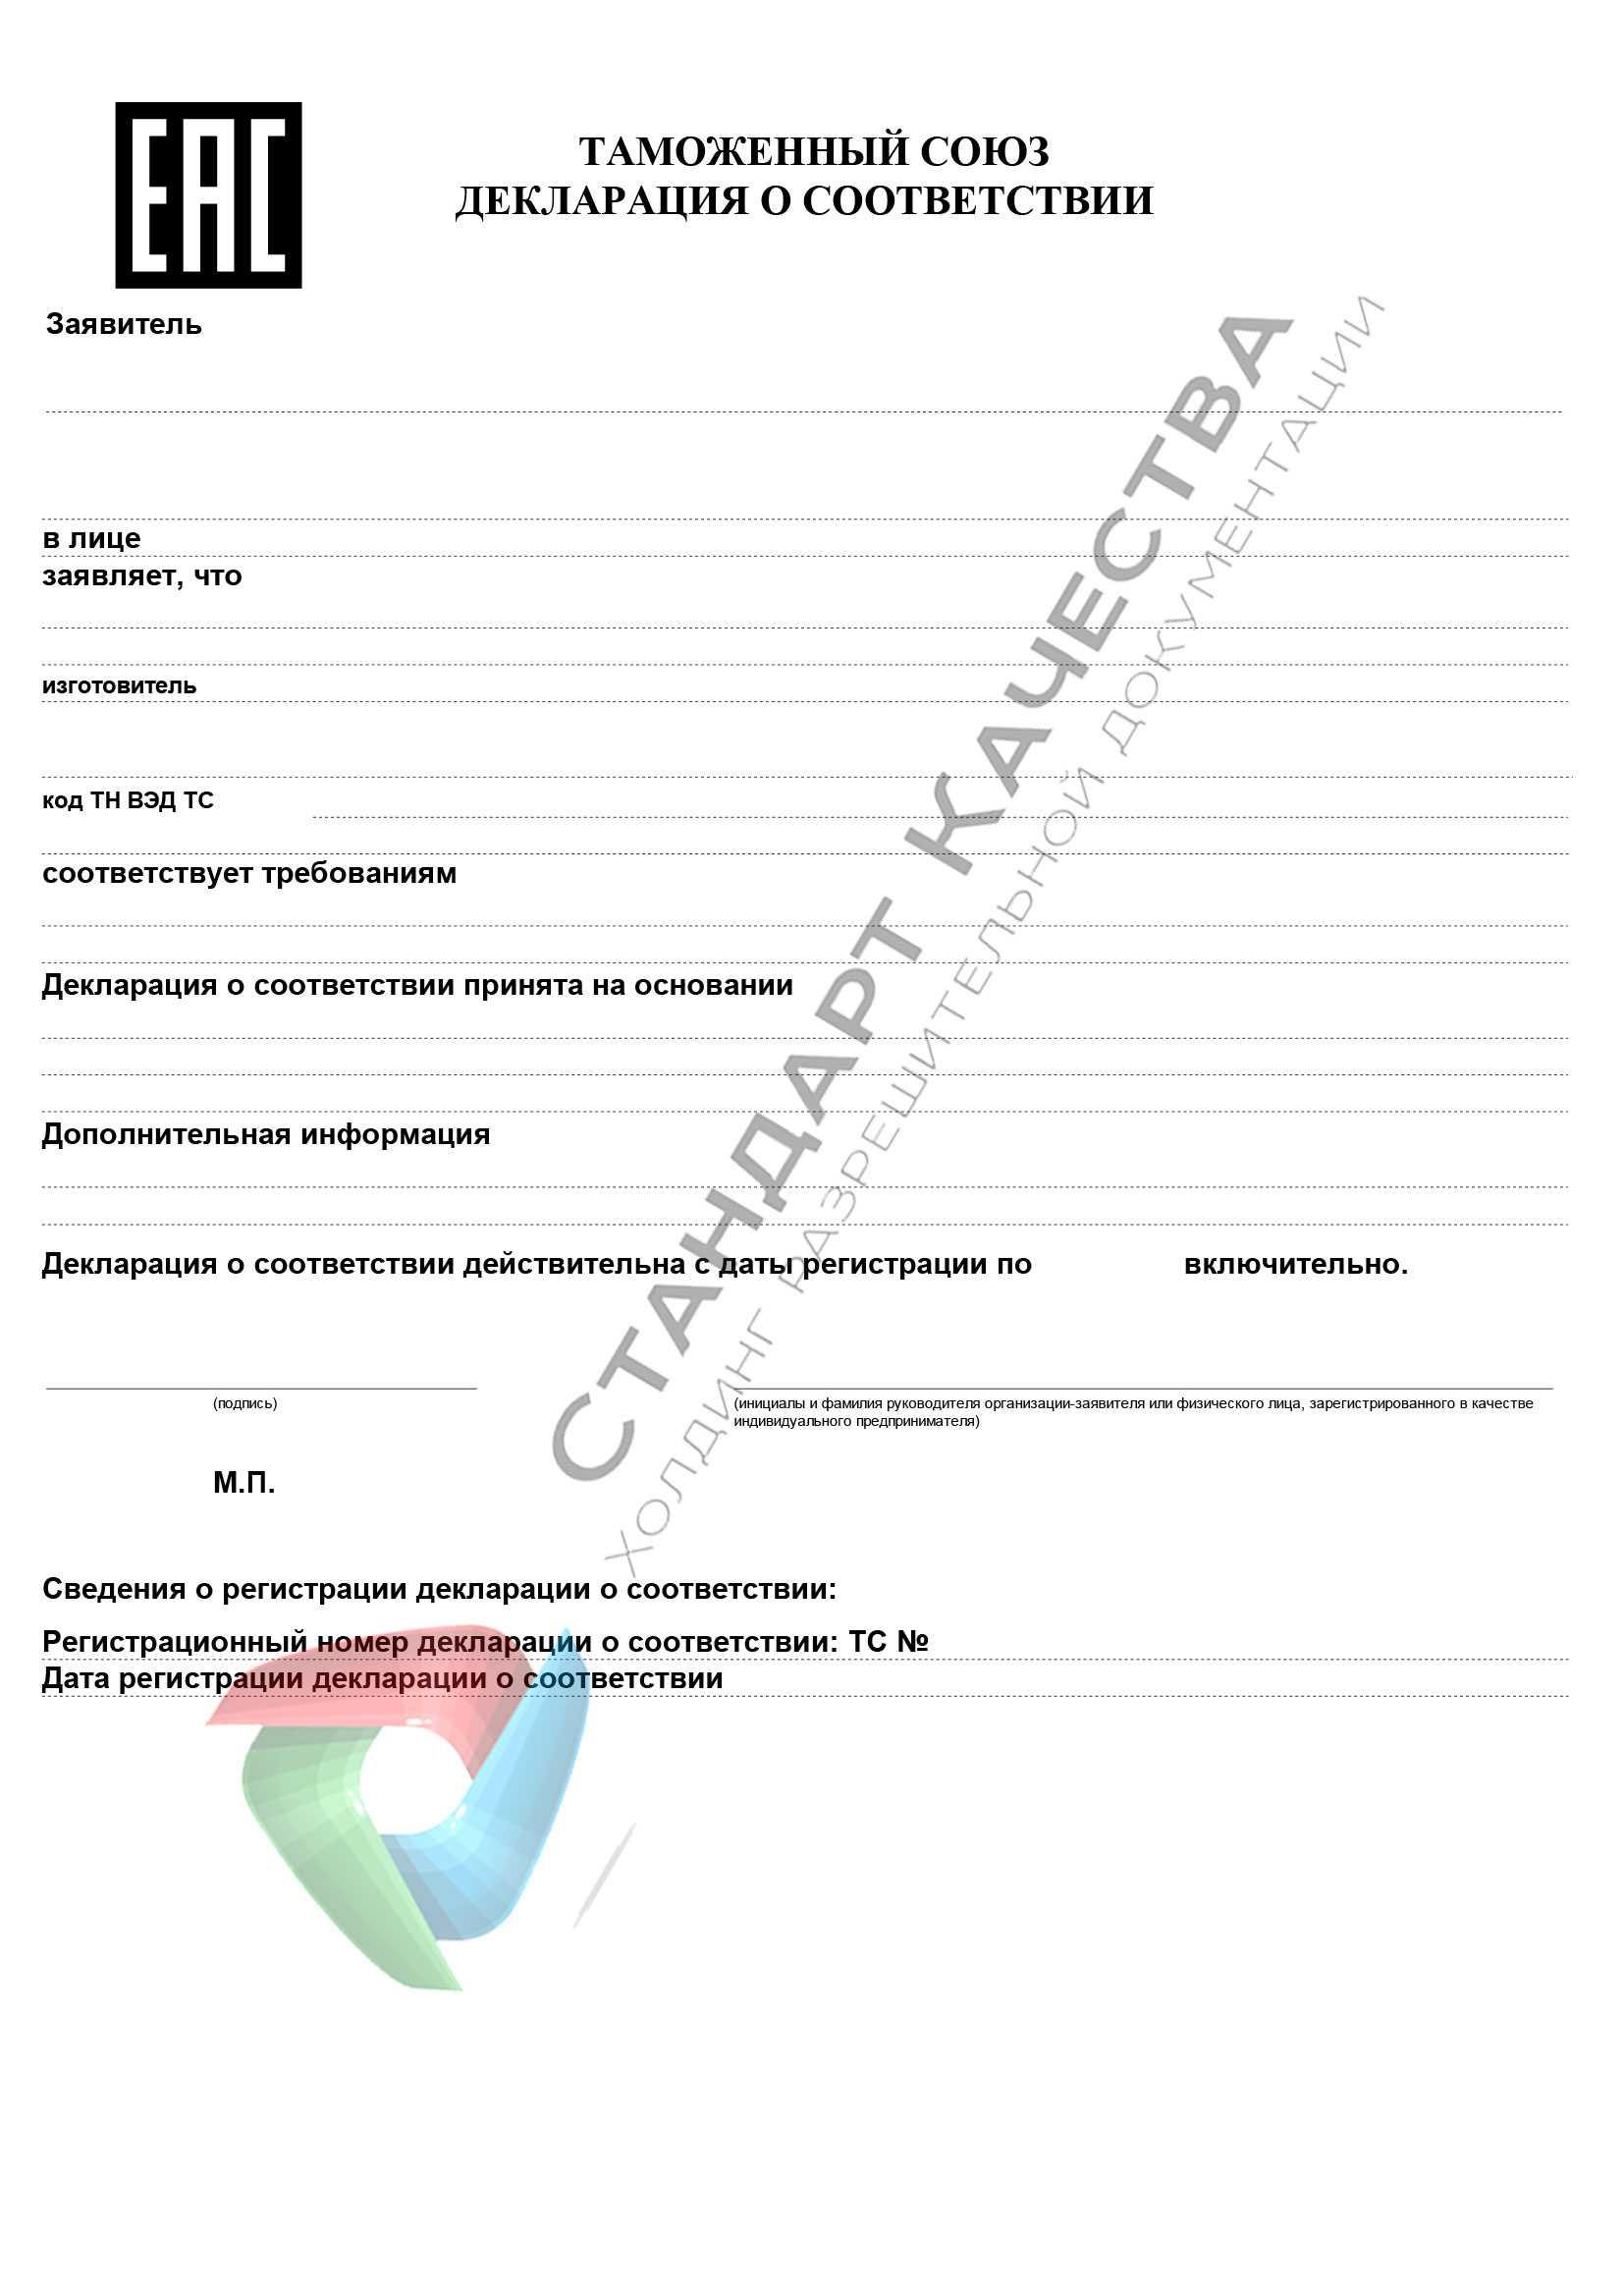 бланк свидетельства о гигиенической регистрации